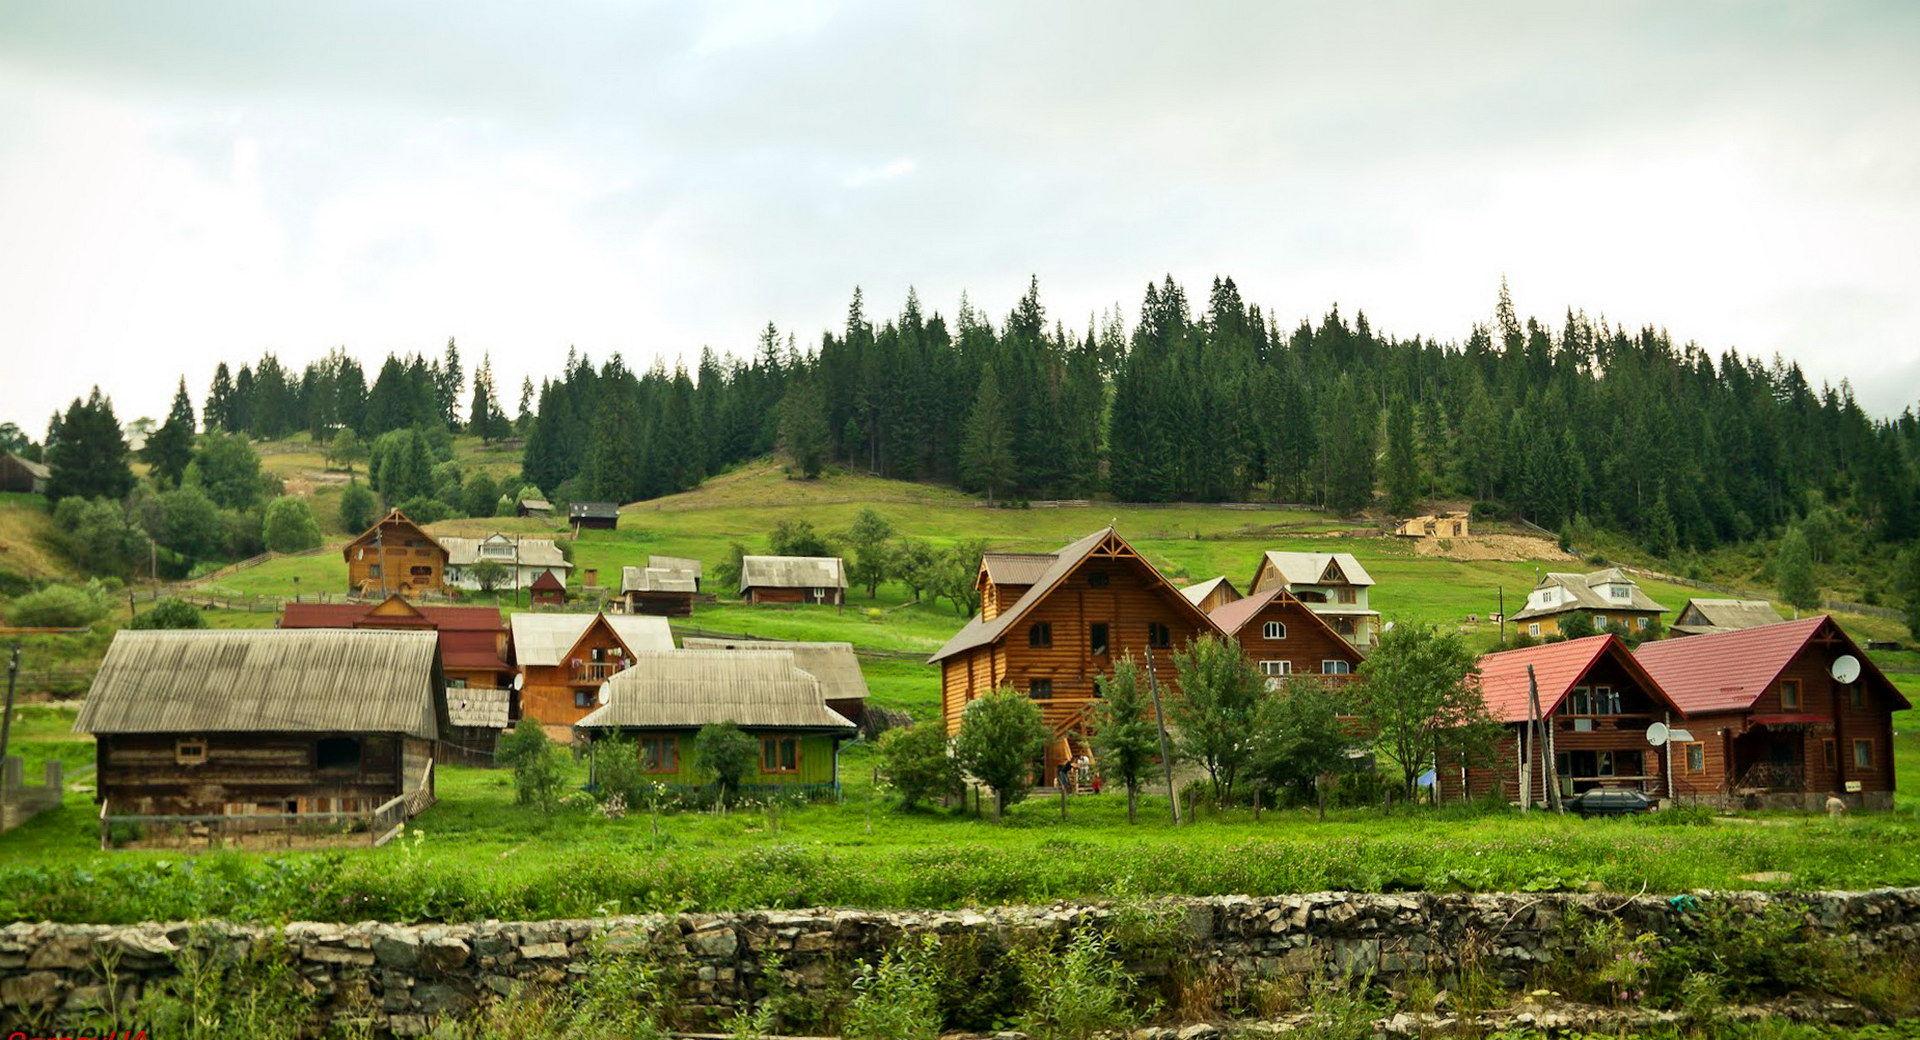 Село Поляниця, неподалік від ГК Буковель